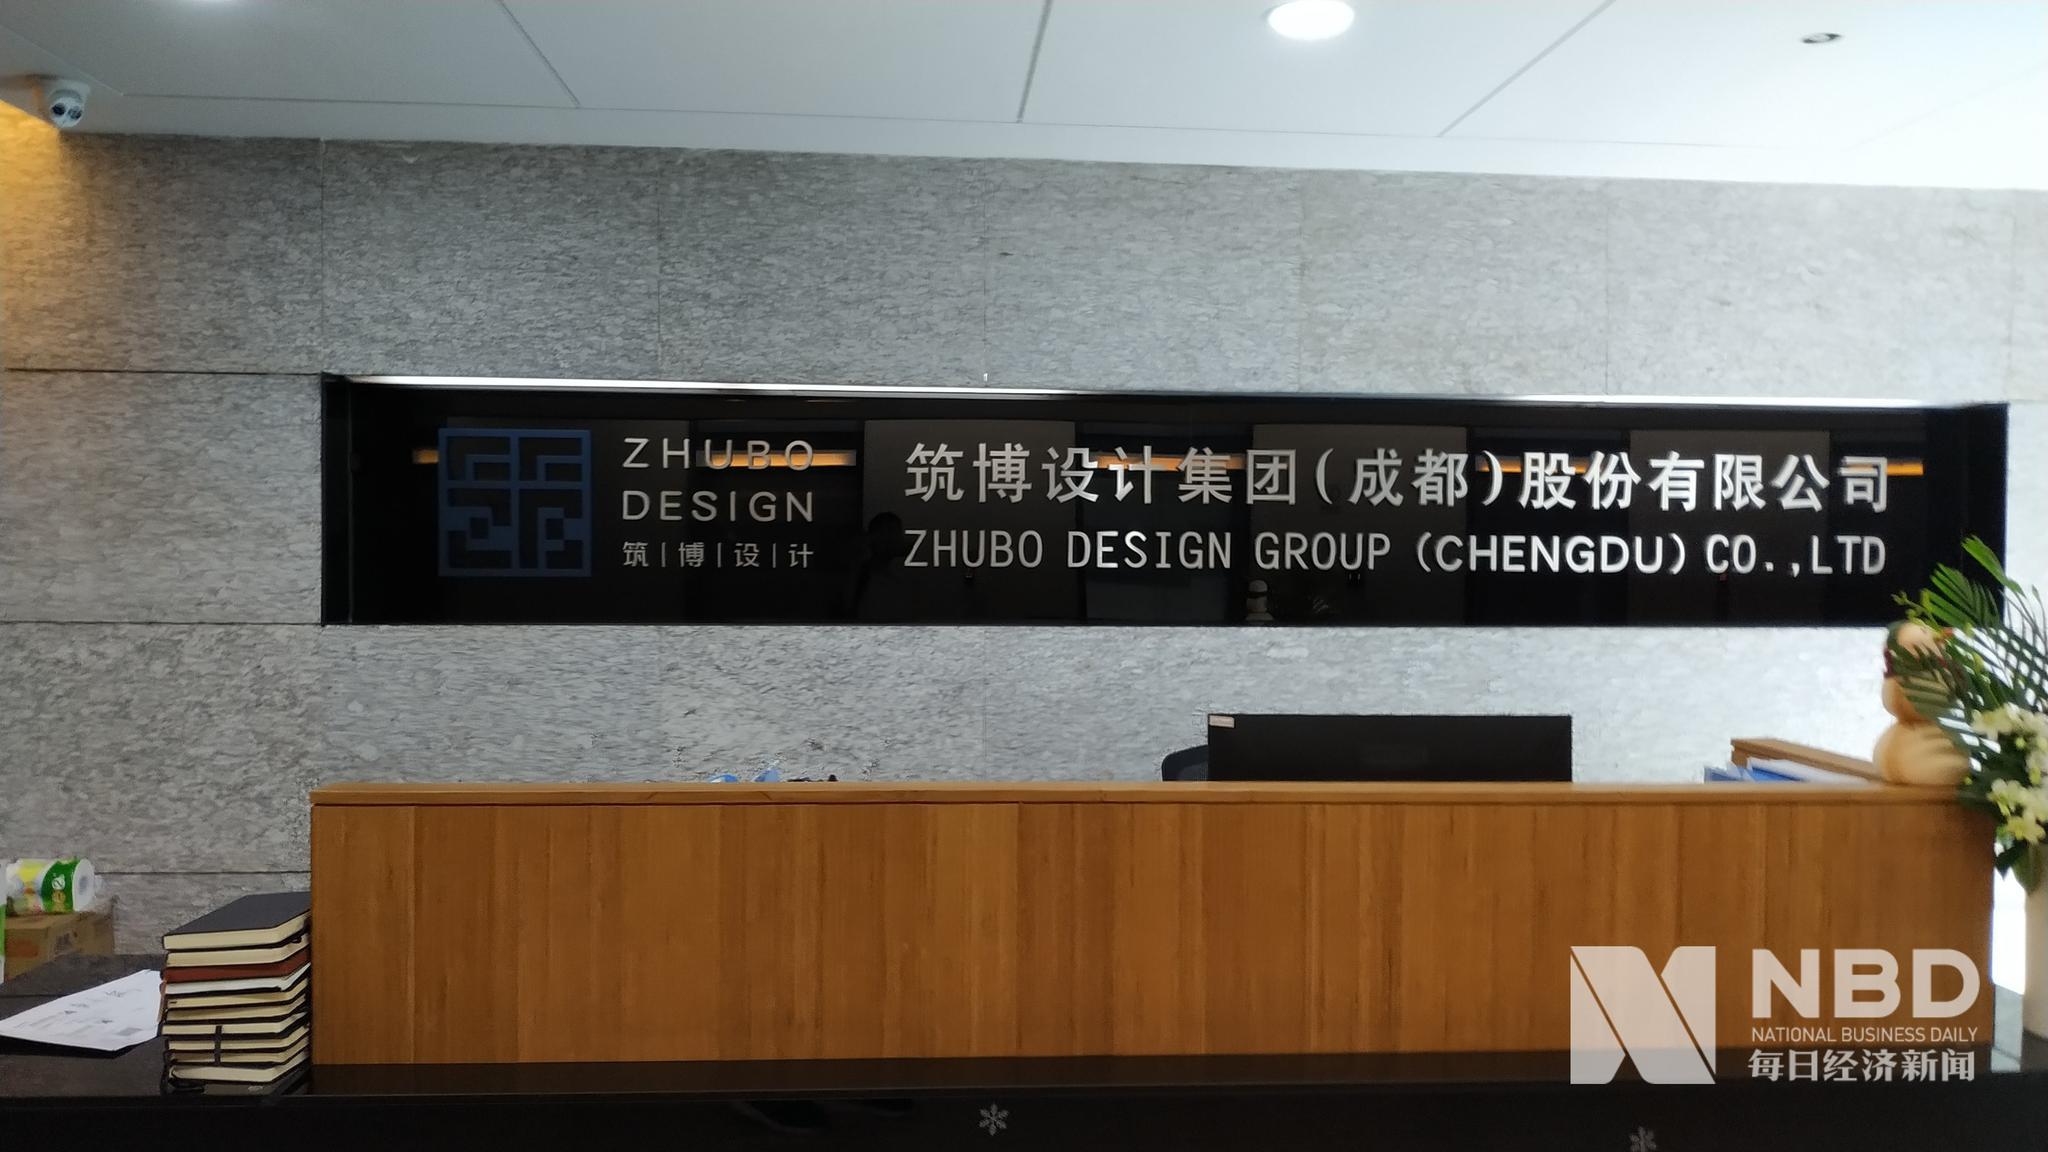 筑博设计再冲IPO:曾被问询的合同问题还存在吗?